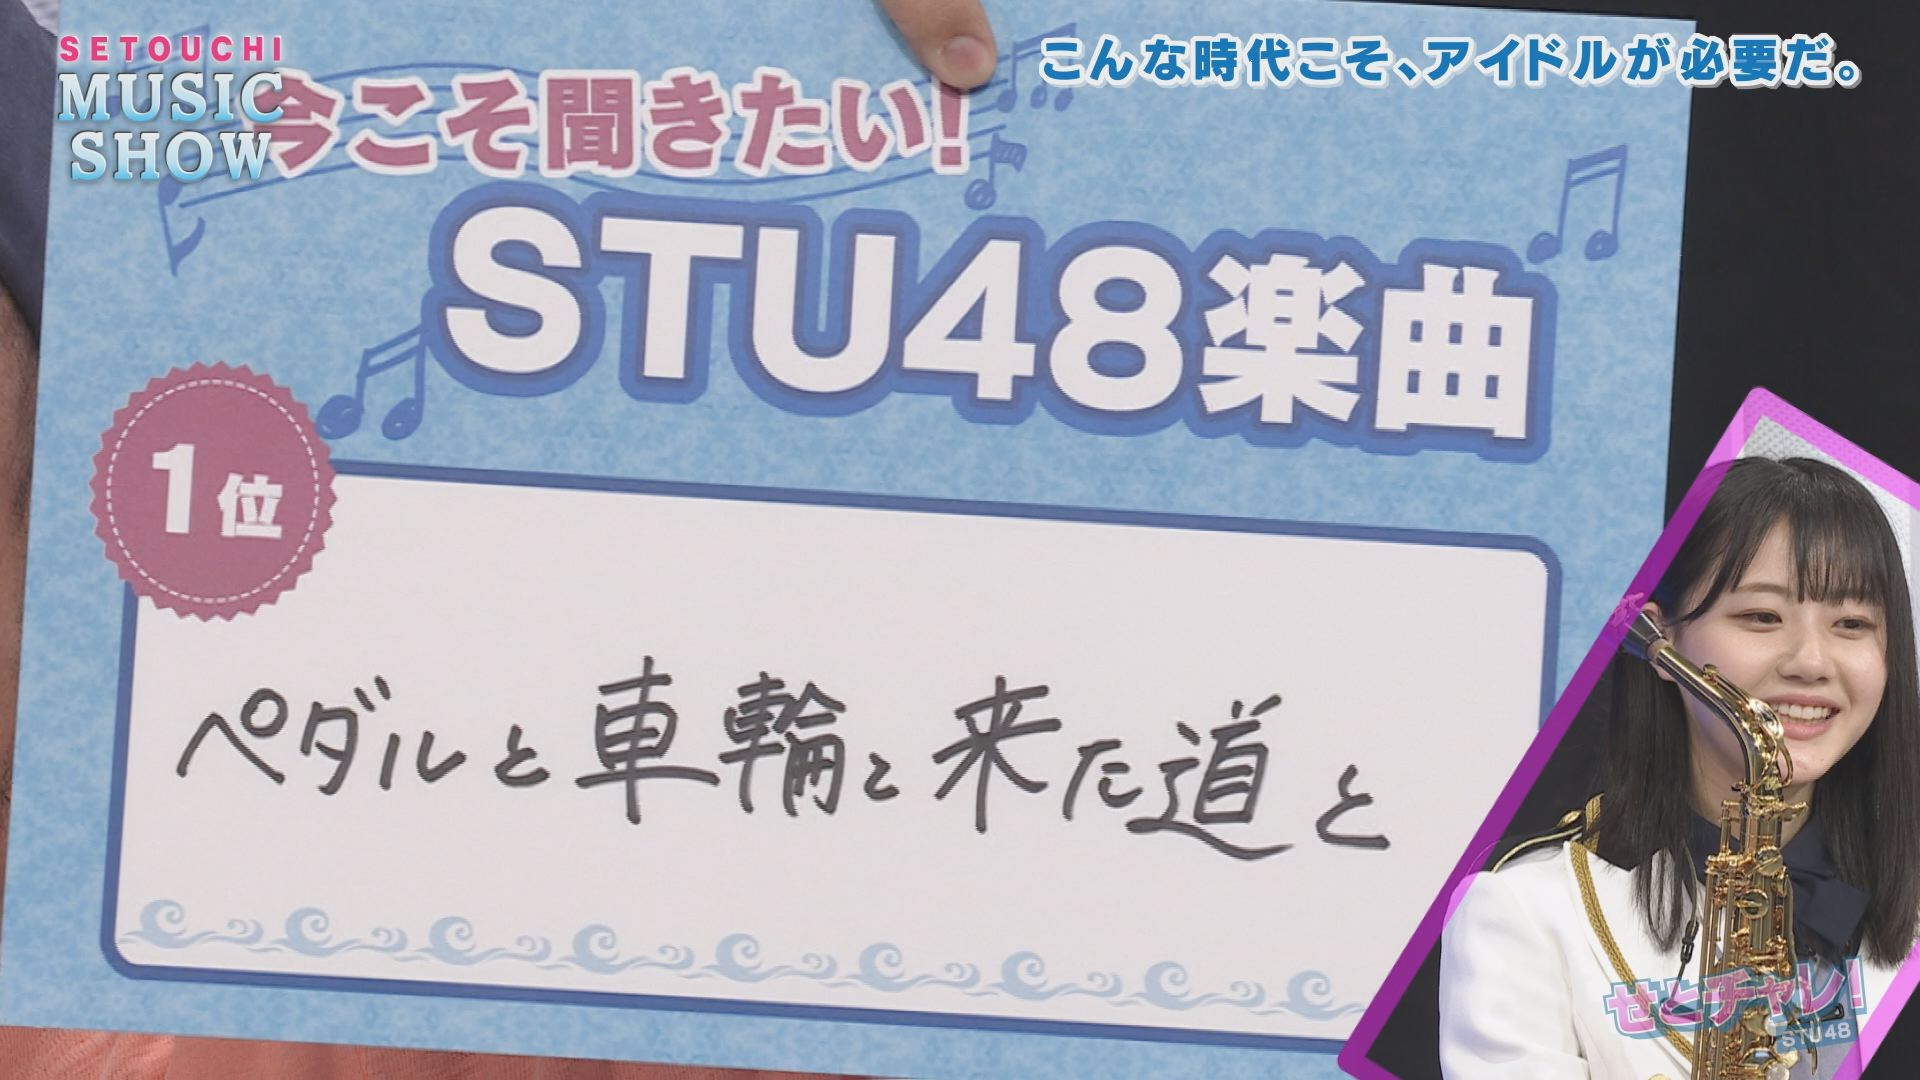 今こそ聞きたい!「STU48名曲ベスト3」を、瀧野由美子が発表